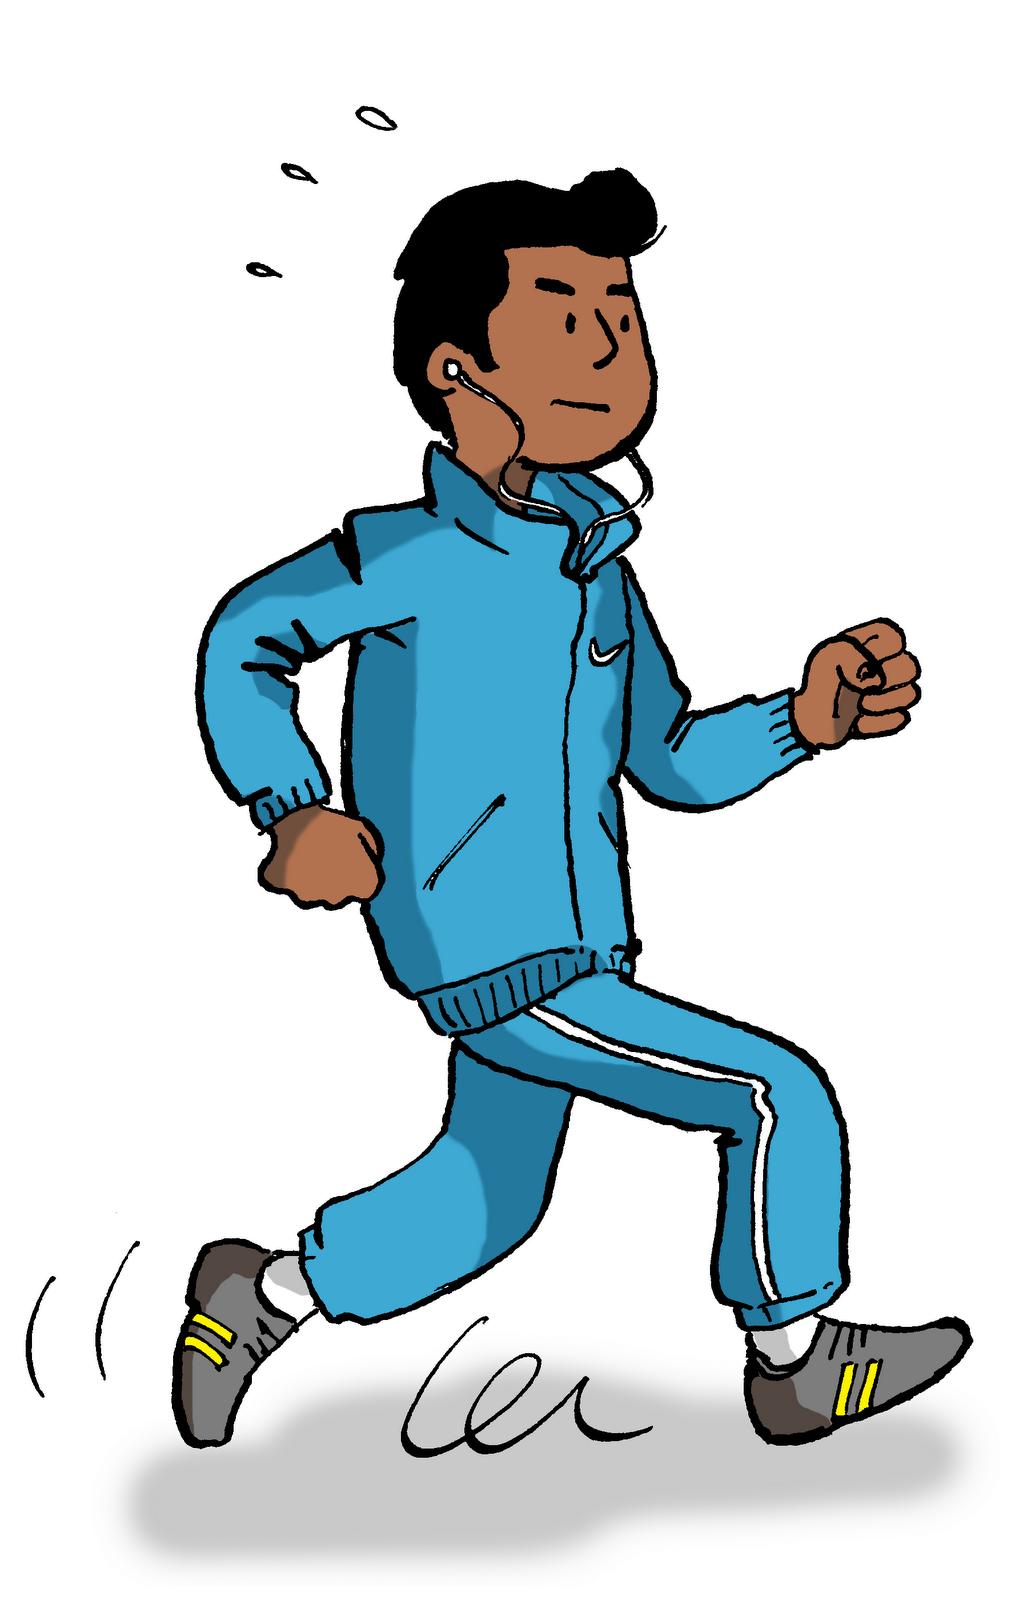 Olahraga Sehat yang Ramah Lingkungan | Sehat Lingkunganku